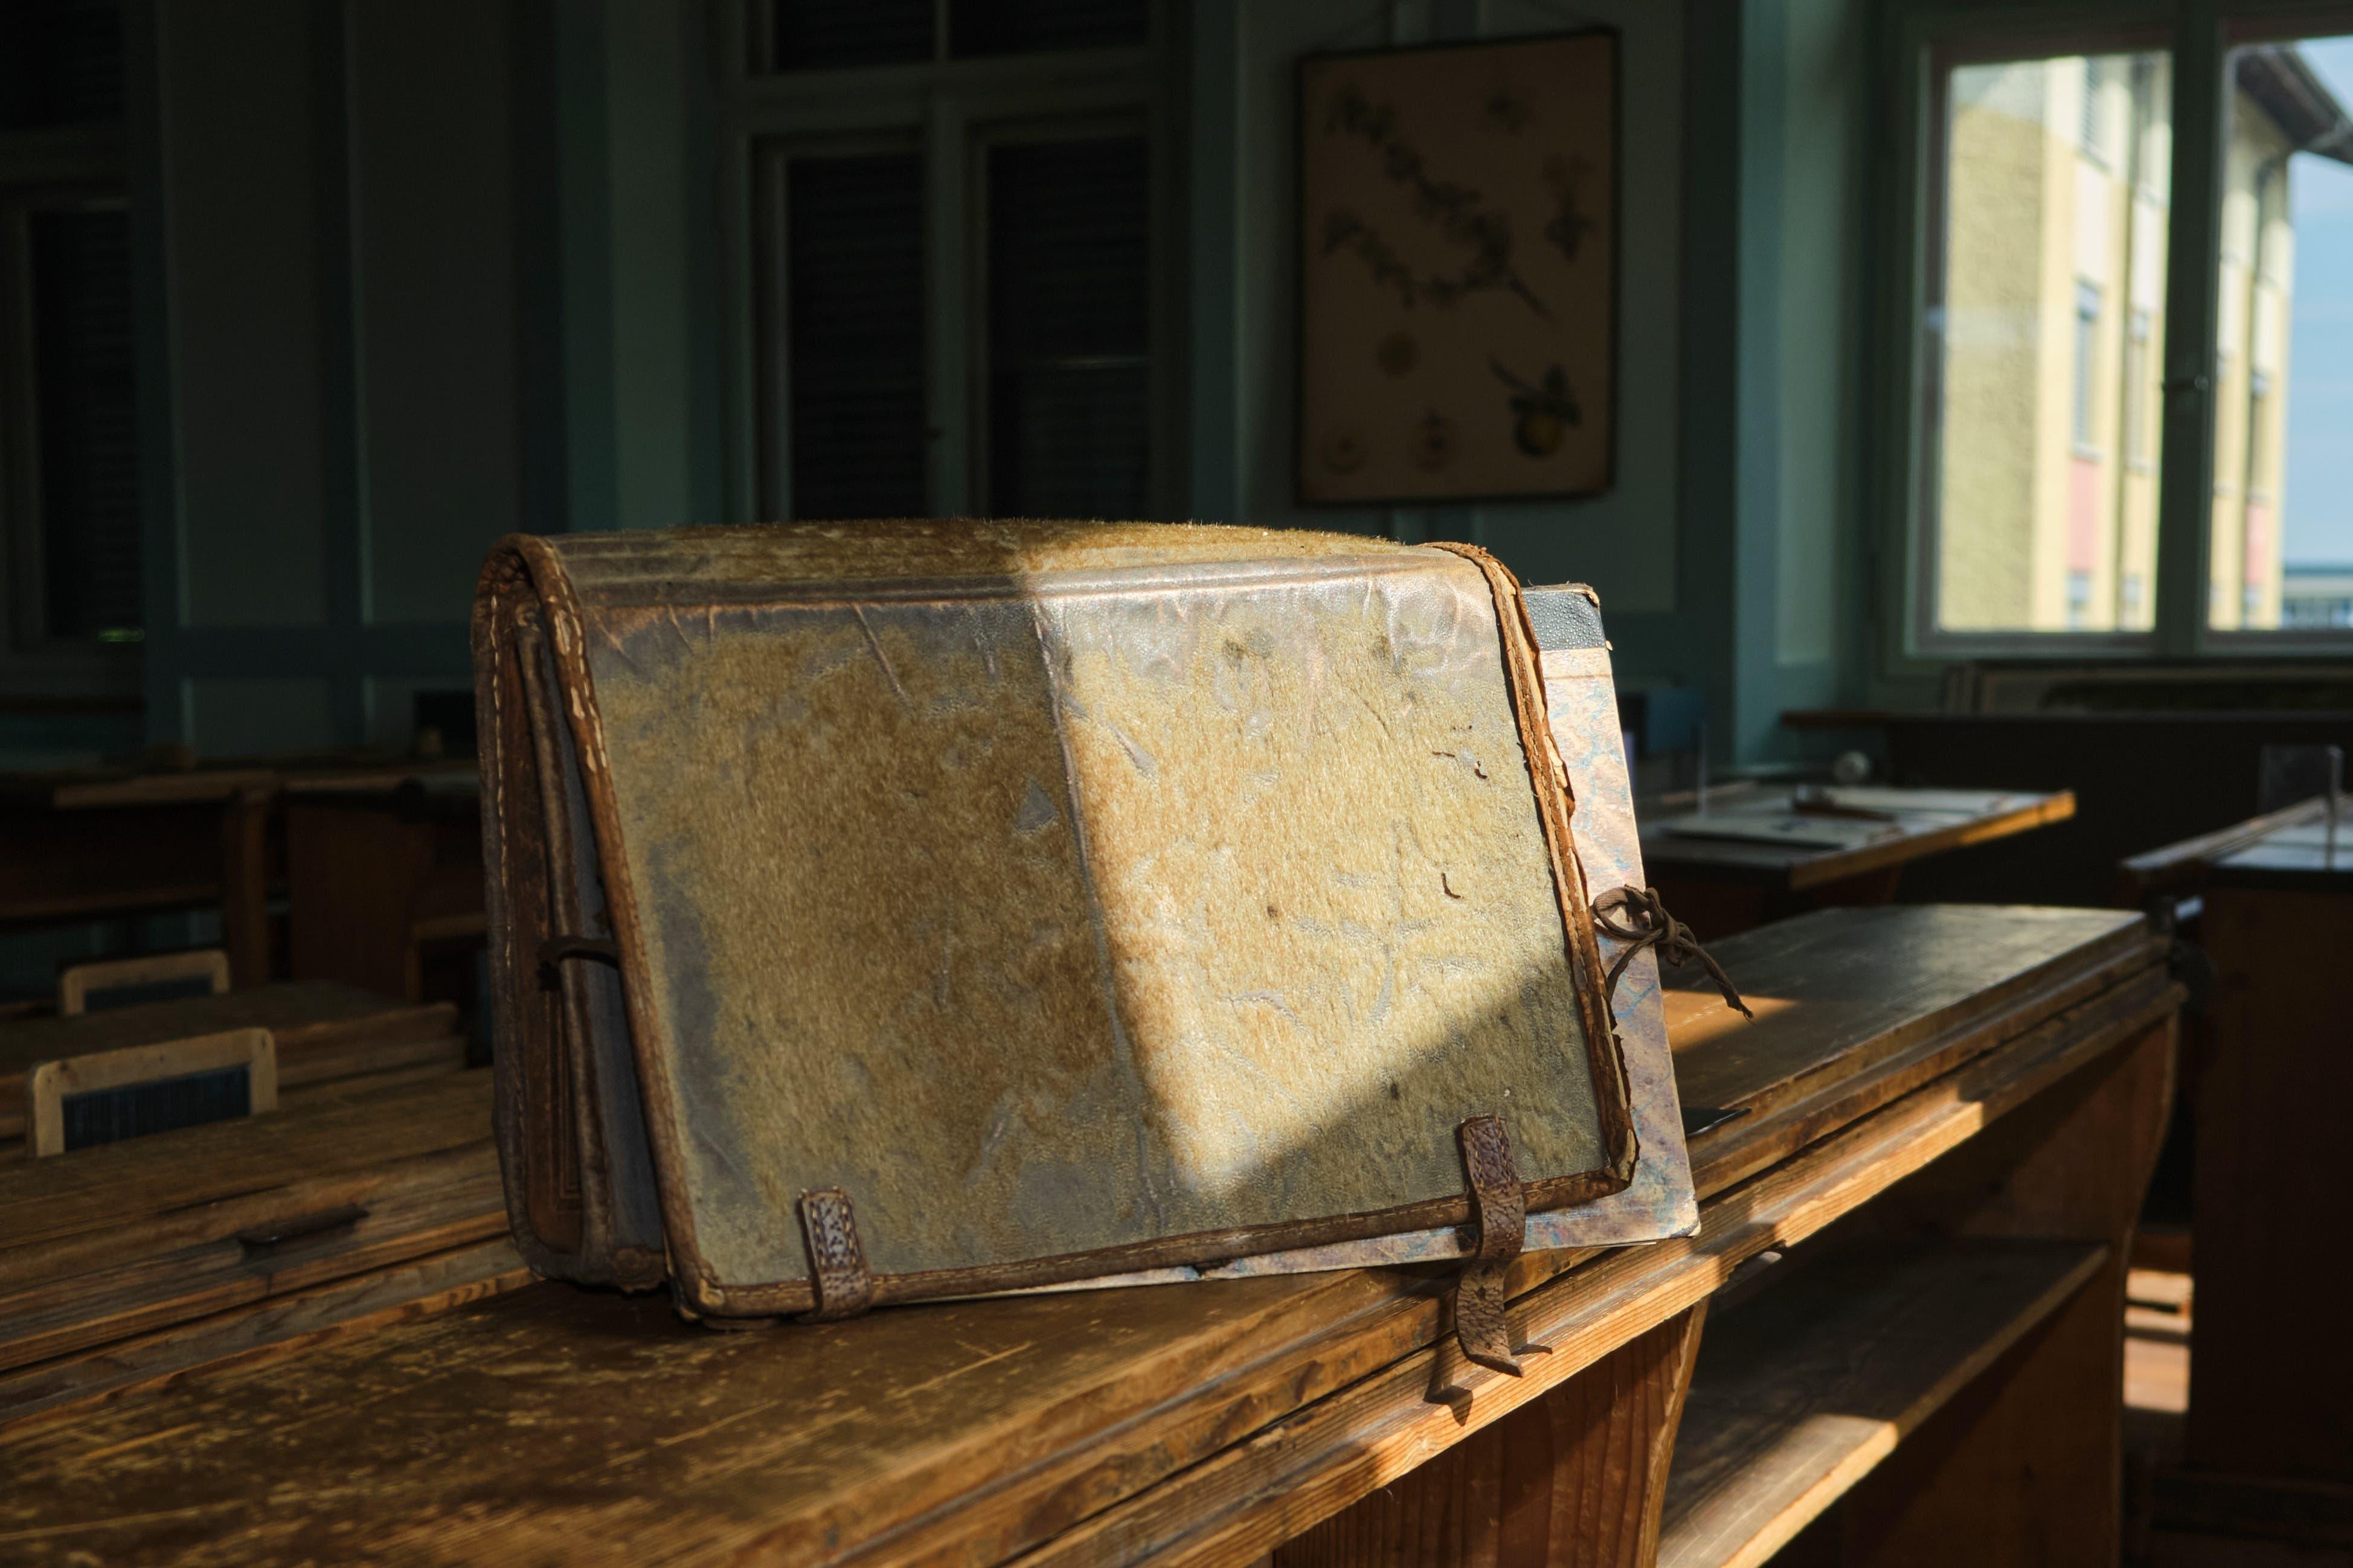 Eines der ältesten Modelle im Schulmuseum Mühlebach. Und eines der wenigen, dessen Vergangenheit genau bekannt ist: Dieser Schulthek wurde von einem Hans Baumann (geboren 1918) ab 1925 verwendet. Er ging damit zur Primarschule, in die Sek und an die Kanti.